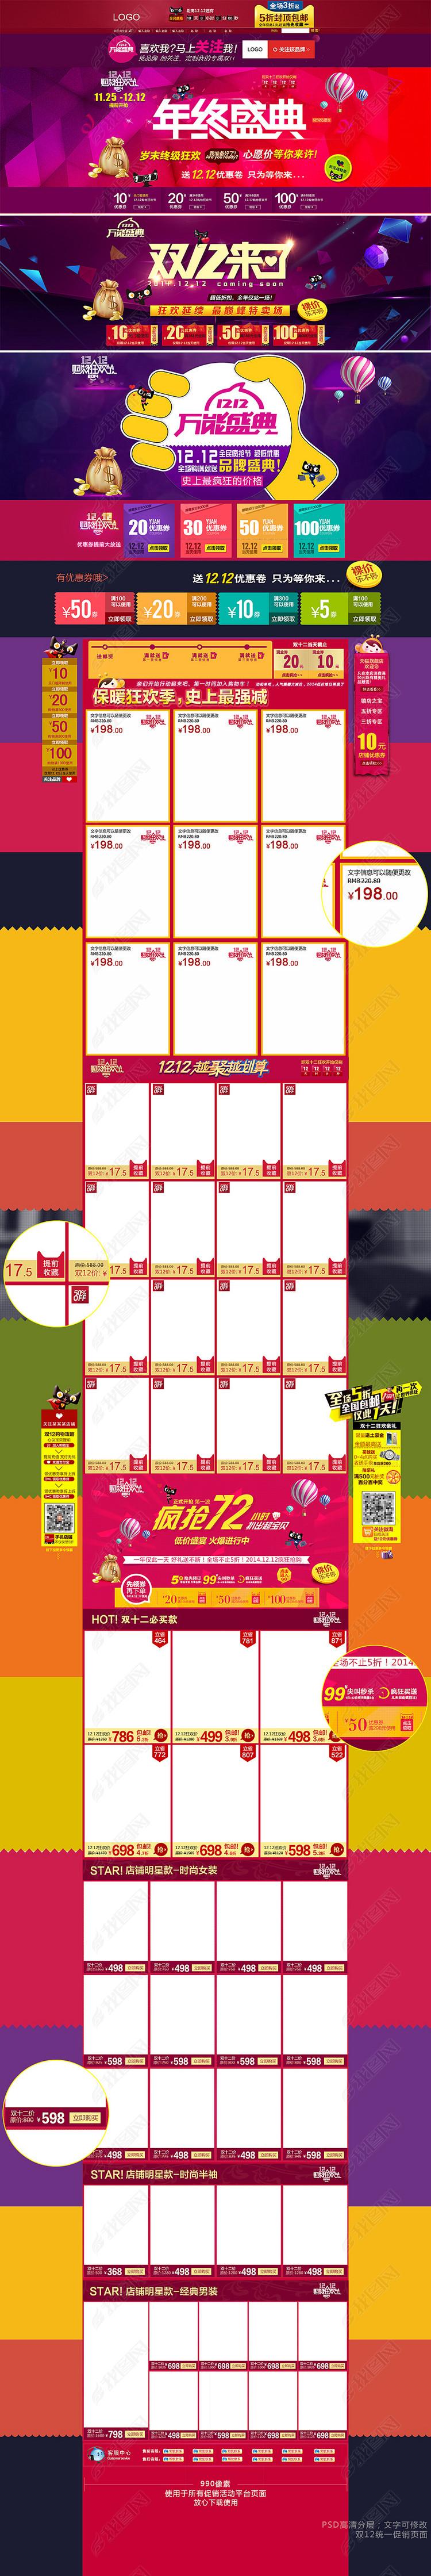 淘宝京东双12万能盛典活动页面设计模板